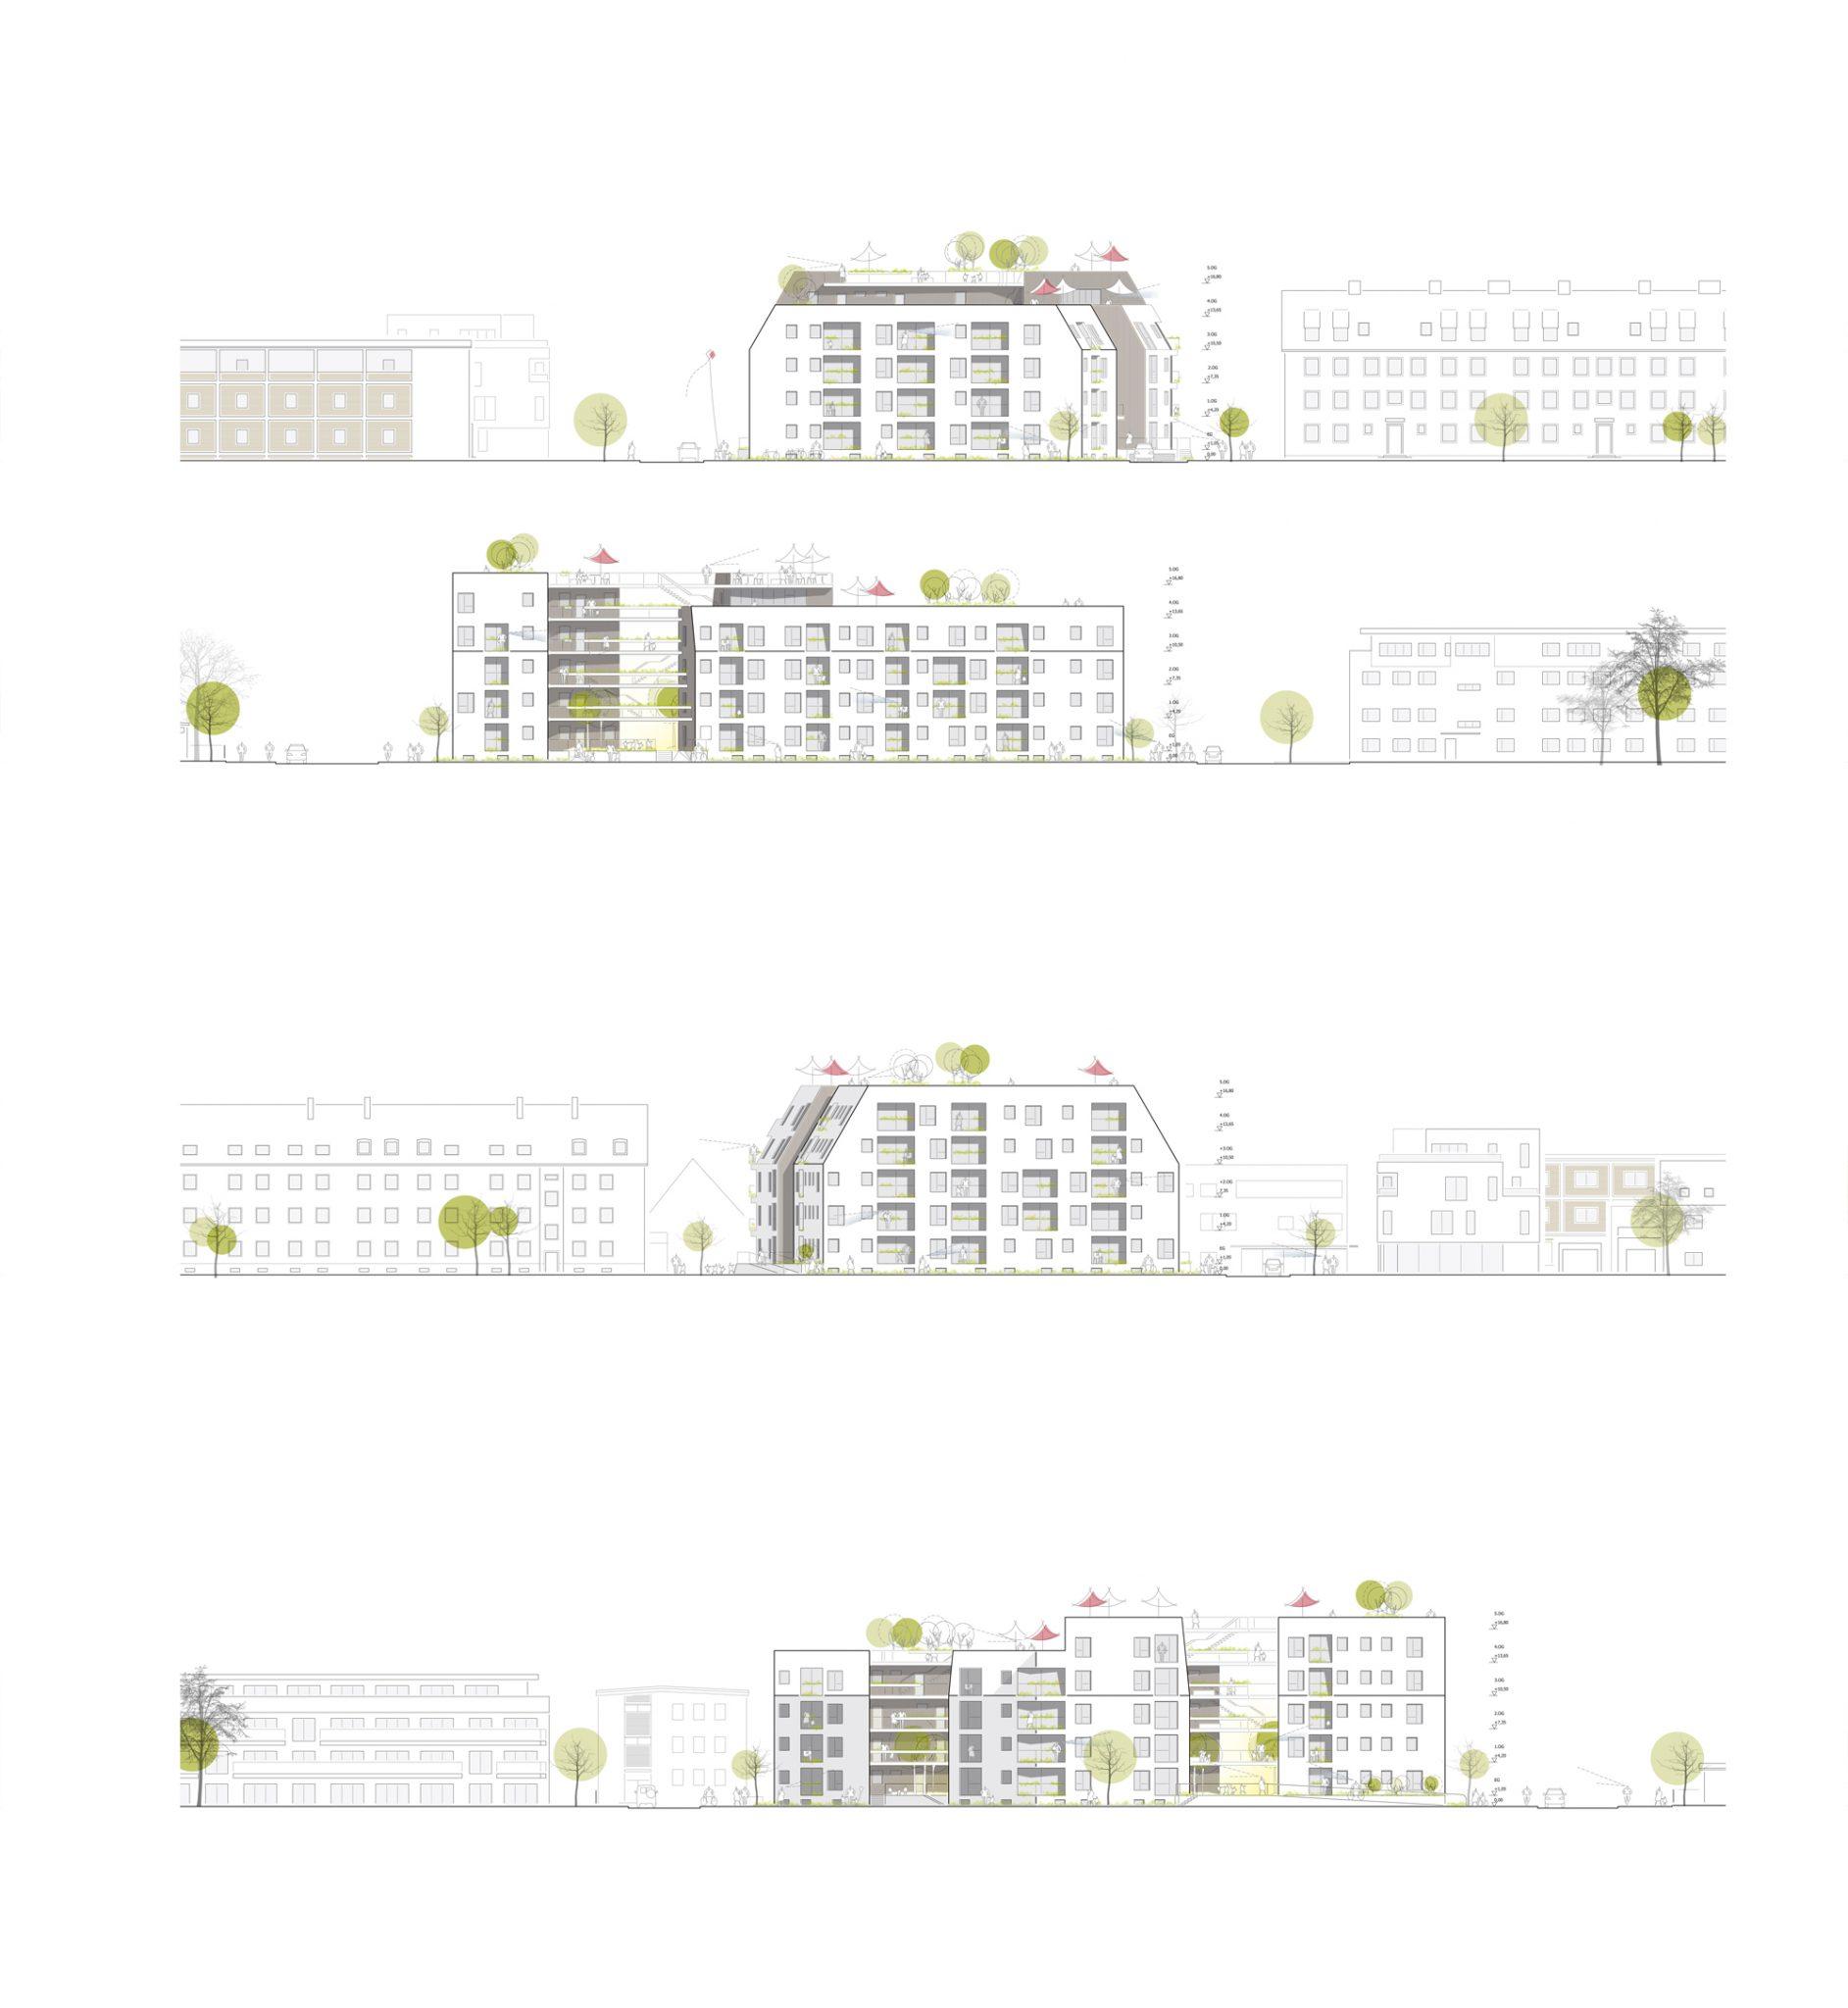 Fassadenansichten für ALN-Beitrag beim Landshut Wettbewerb Bürgerblock